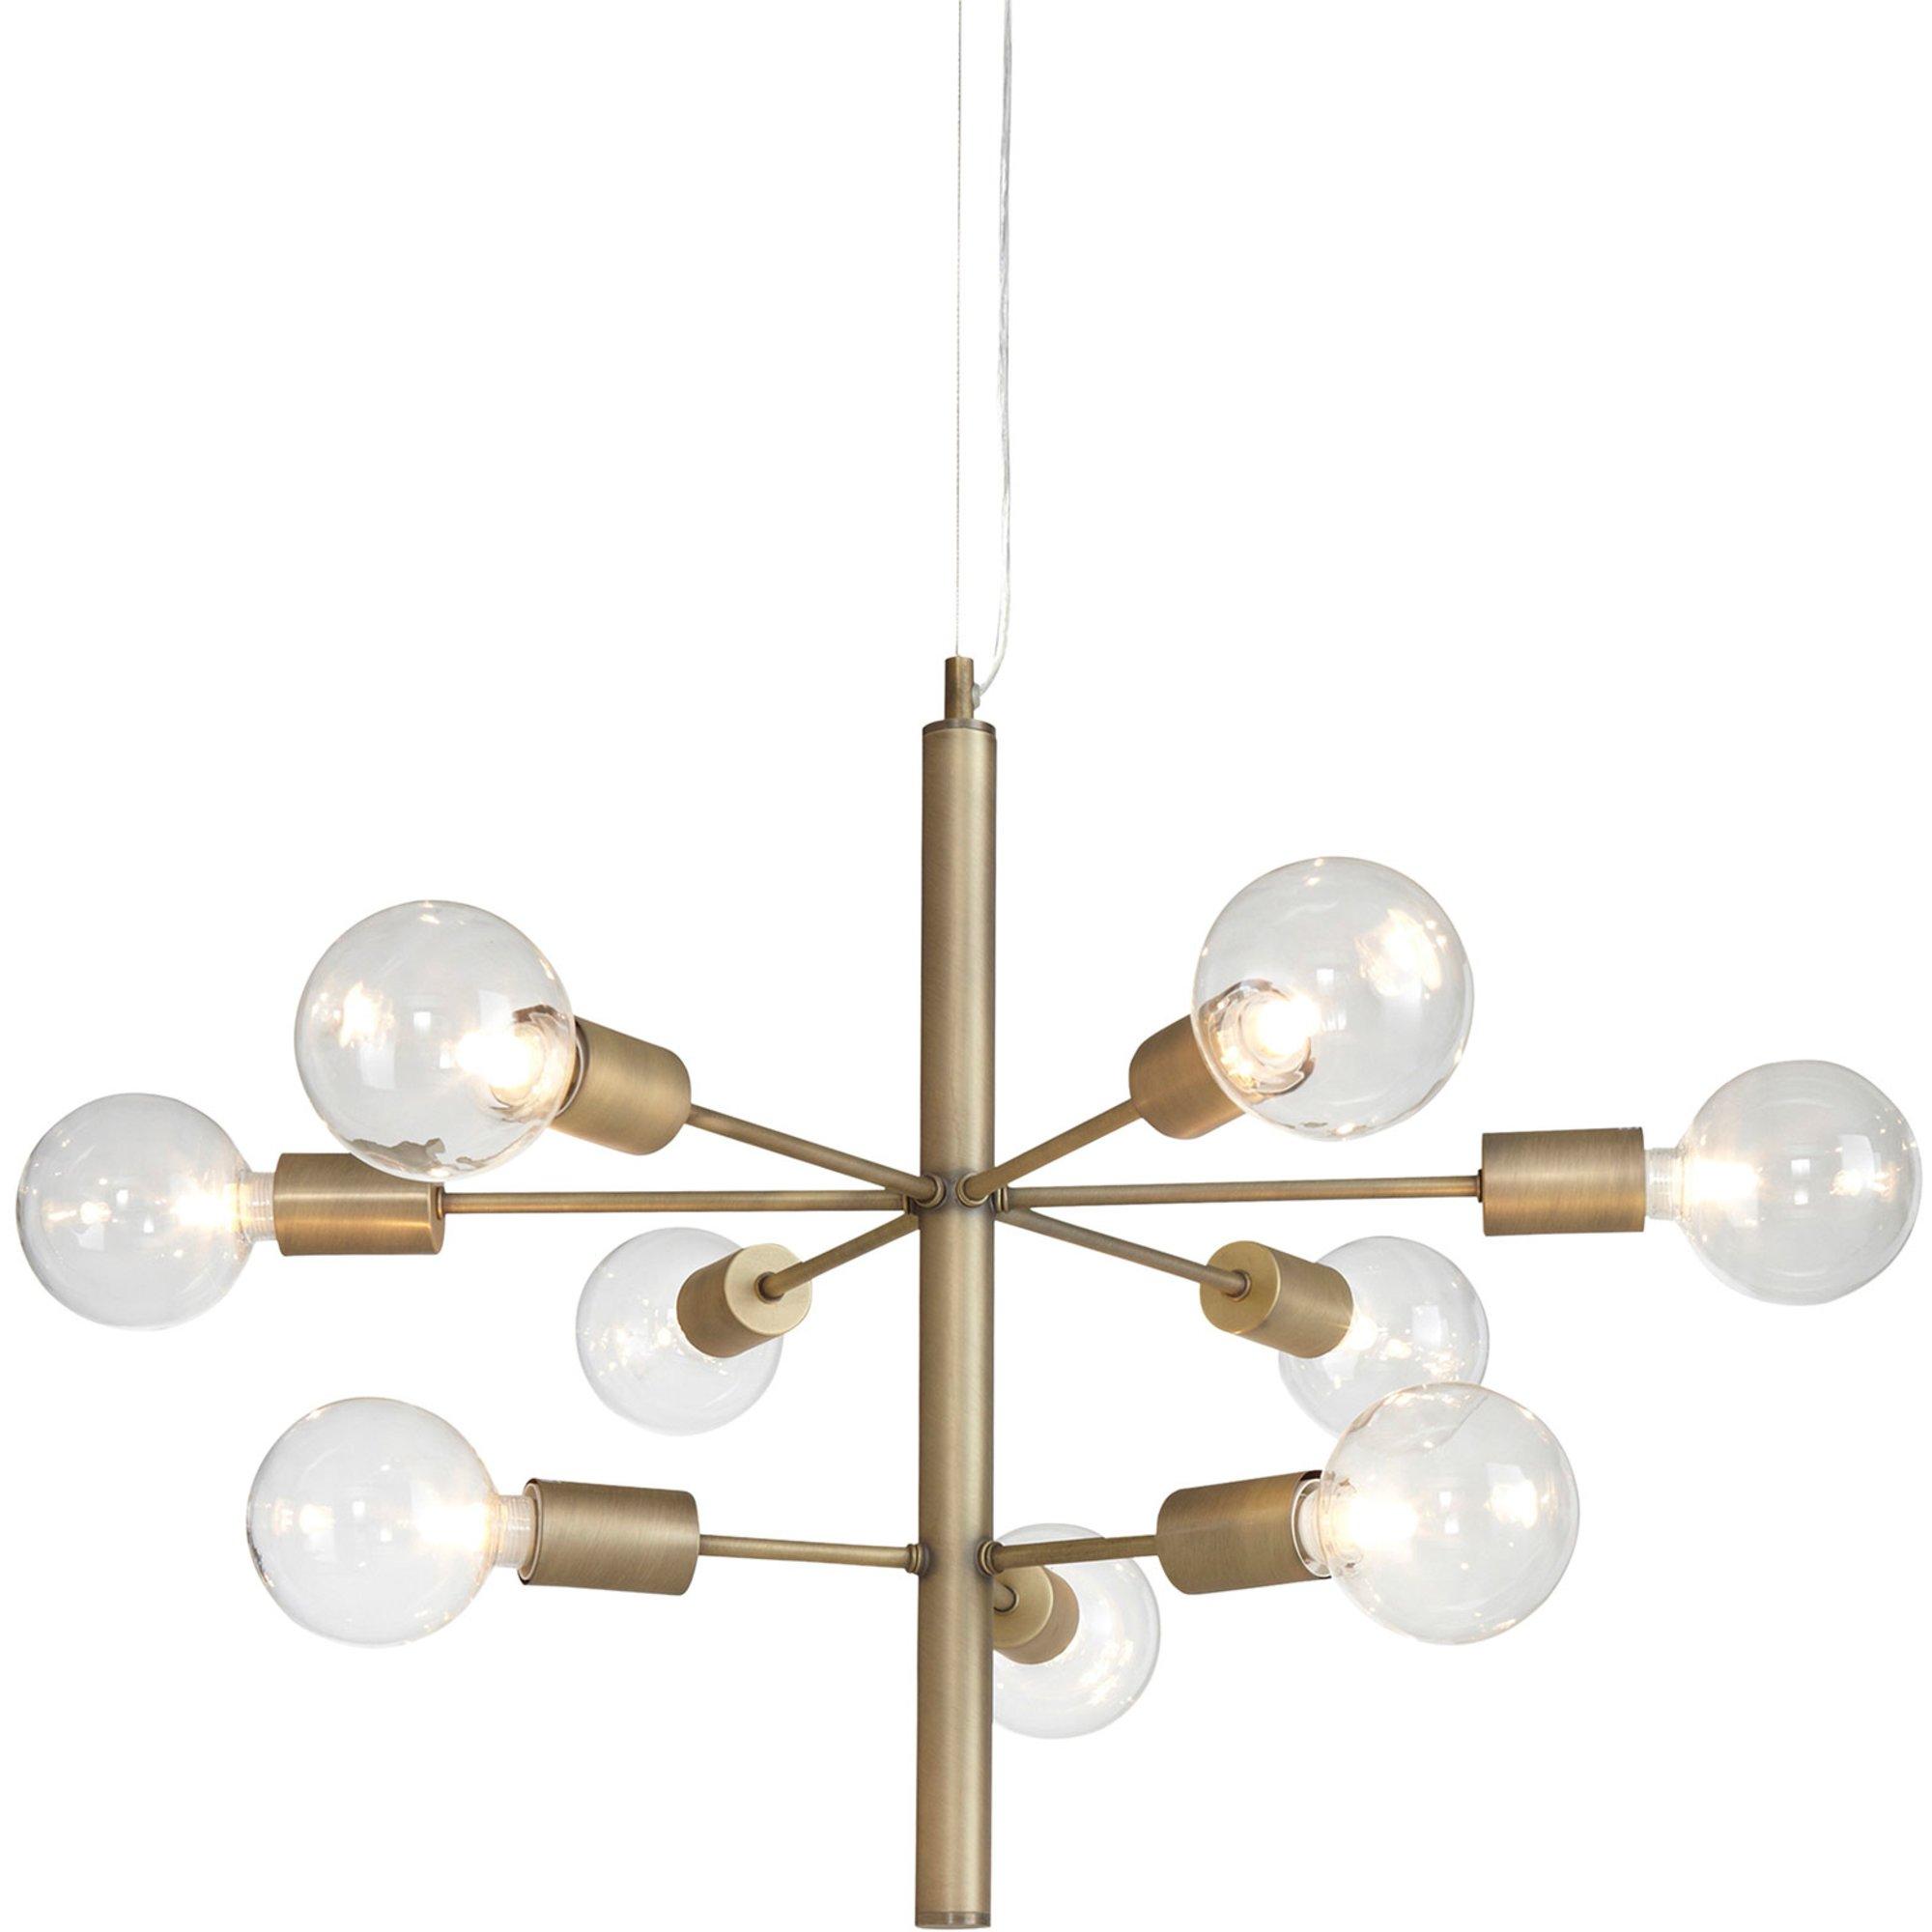 Globen Lighting Galaxy Pendel antik mässing